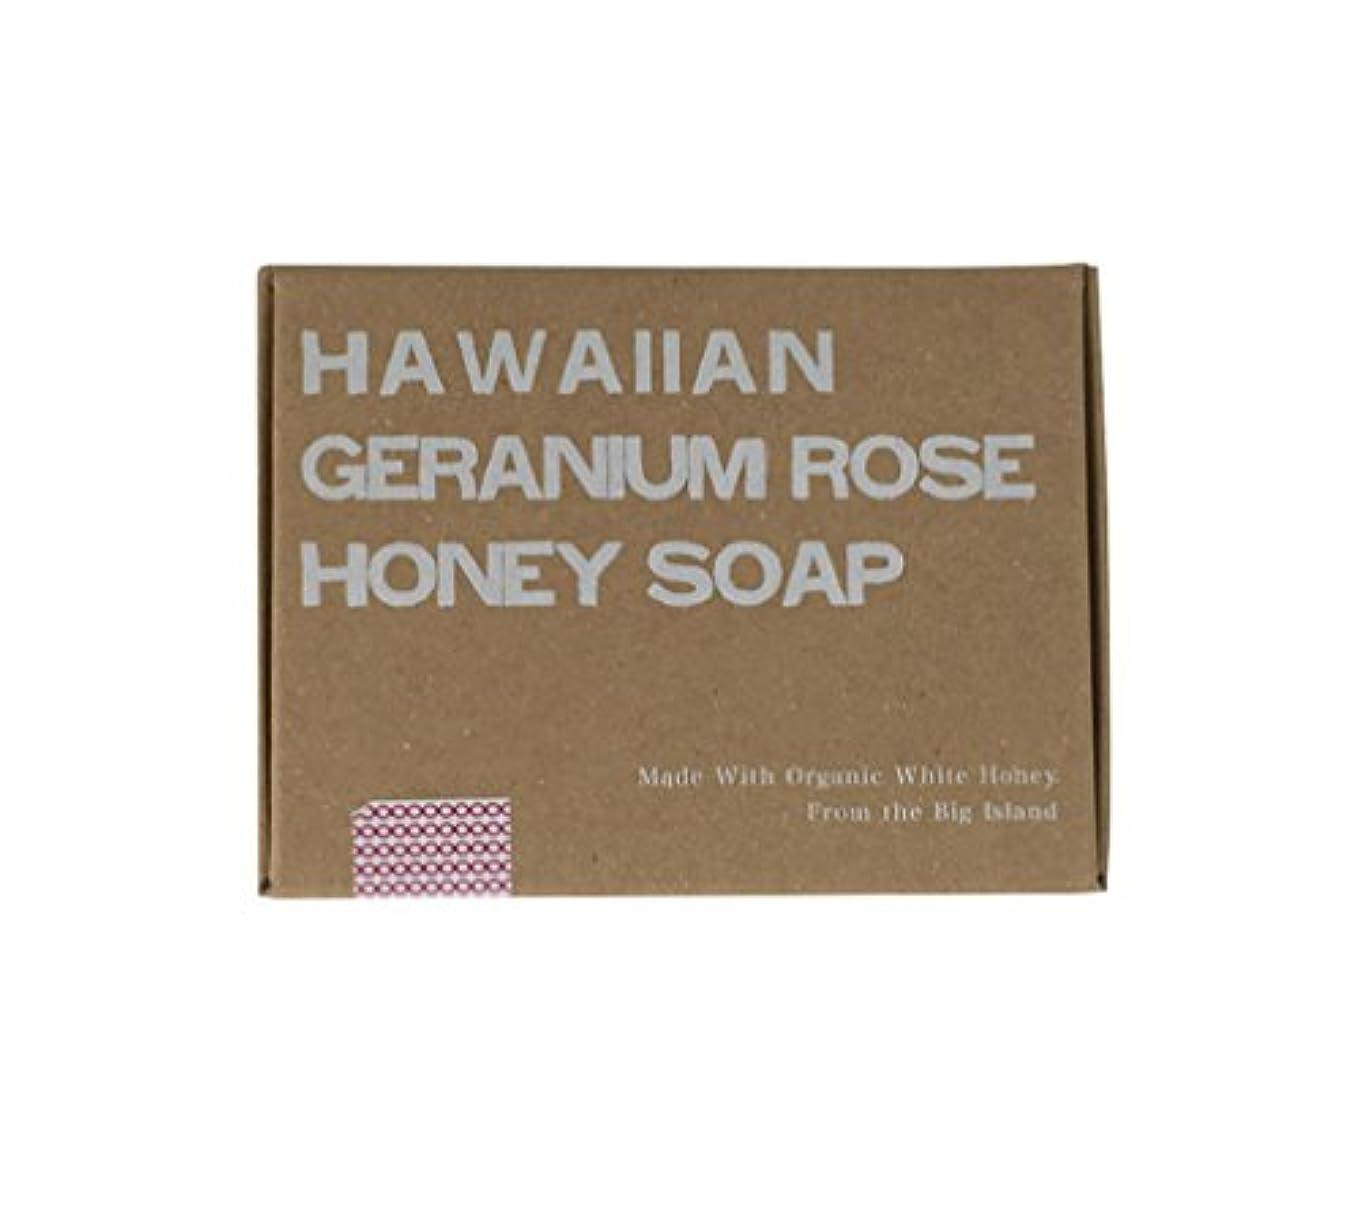 乗算晴れセンターホワイトハニーオーガニクス ハワイアン?ゼラニウムローズ?ハニーソープ (Hawaiian Geranium Rose Honey Soap)